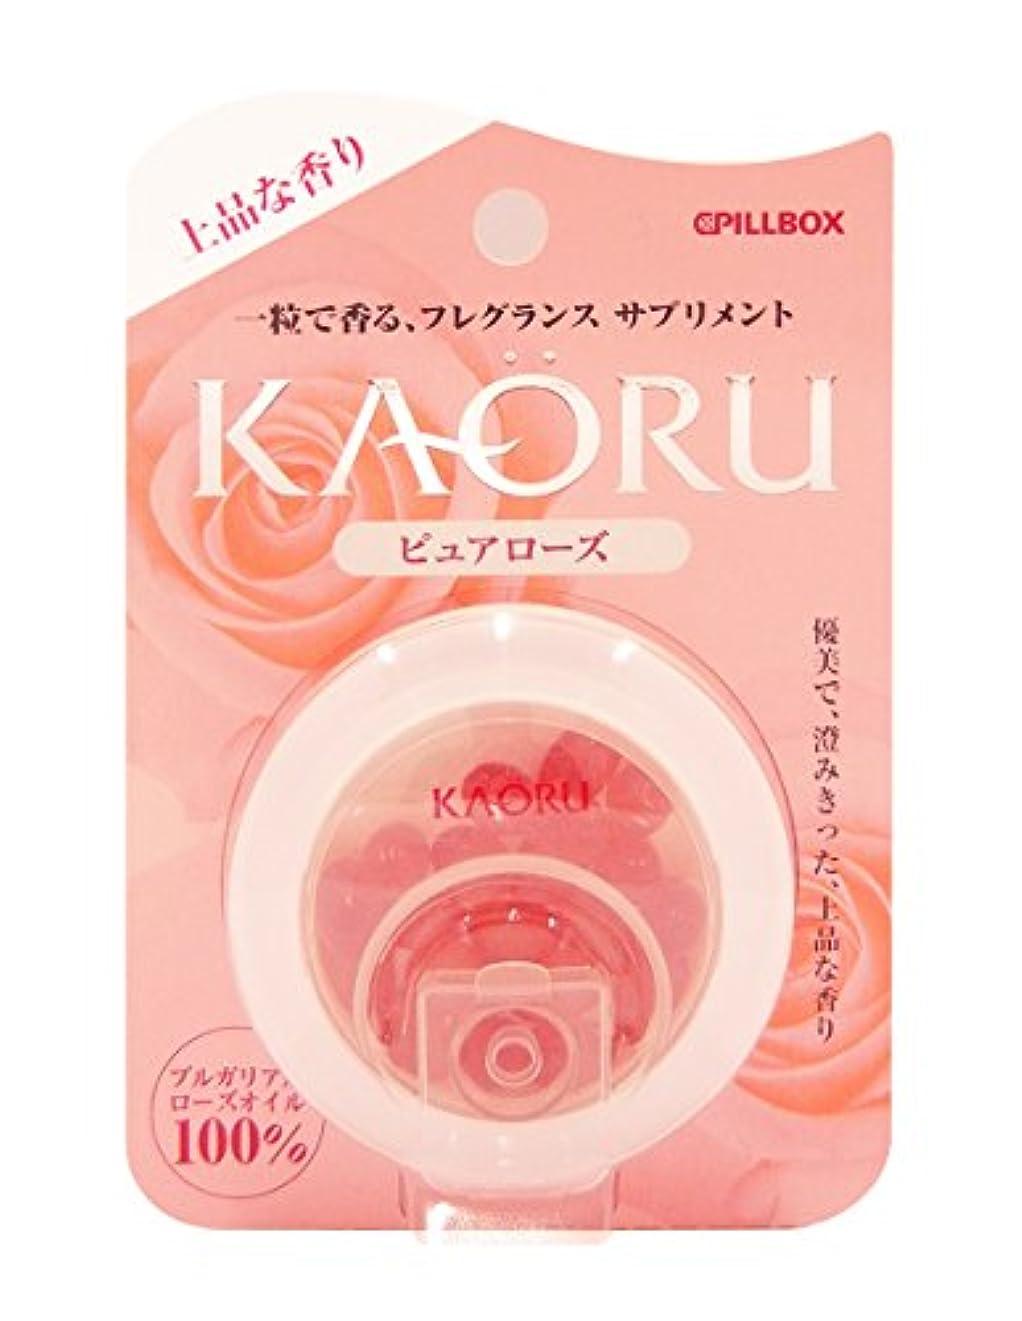 退屈なエスカレート鮮やかなフレグランスサプリメント KAORU (ピュアローズ)